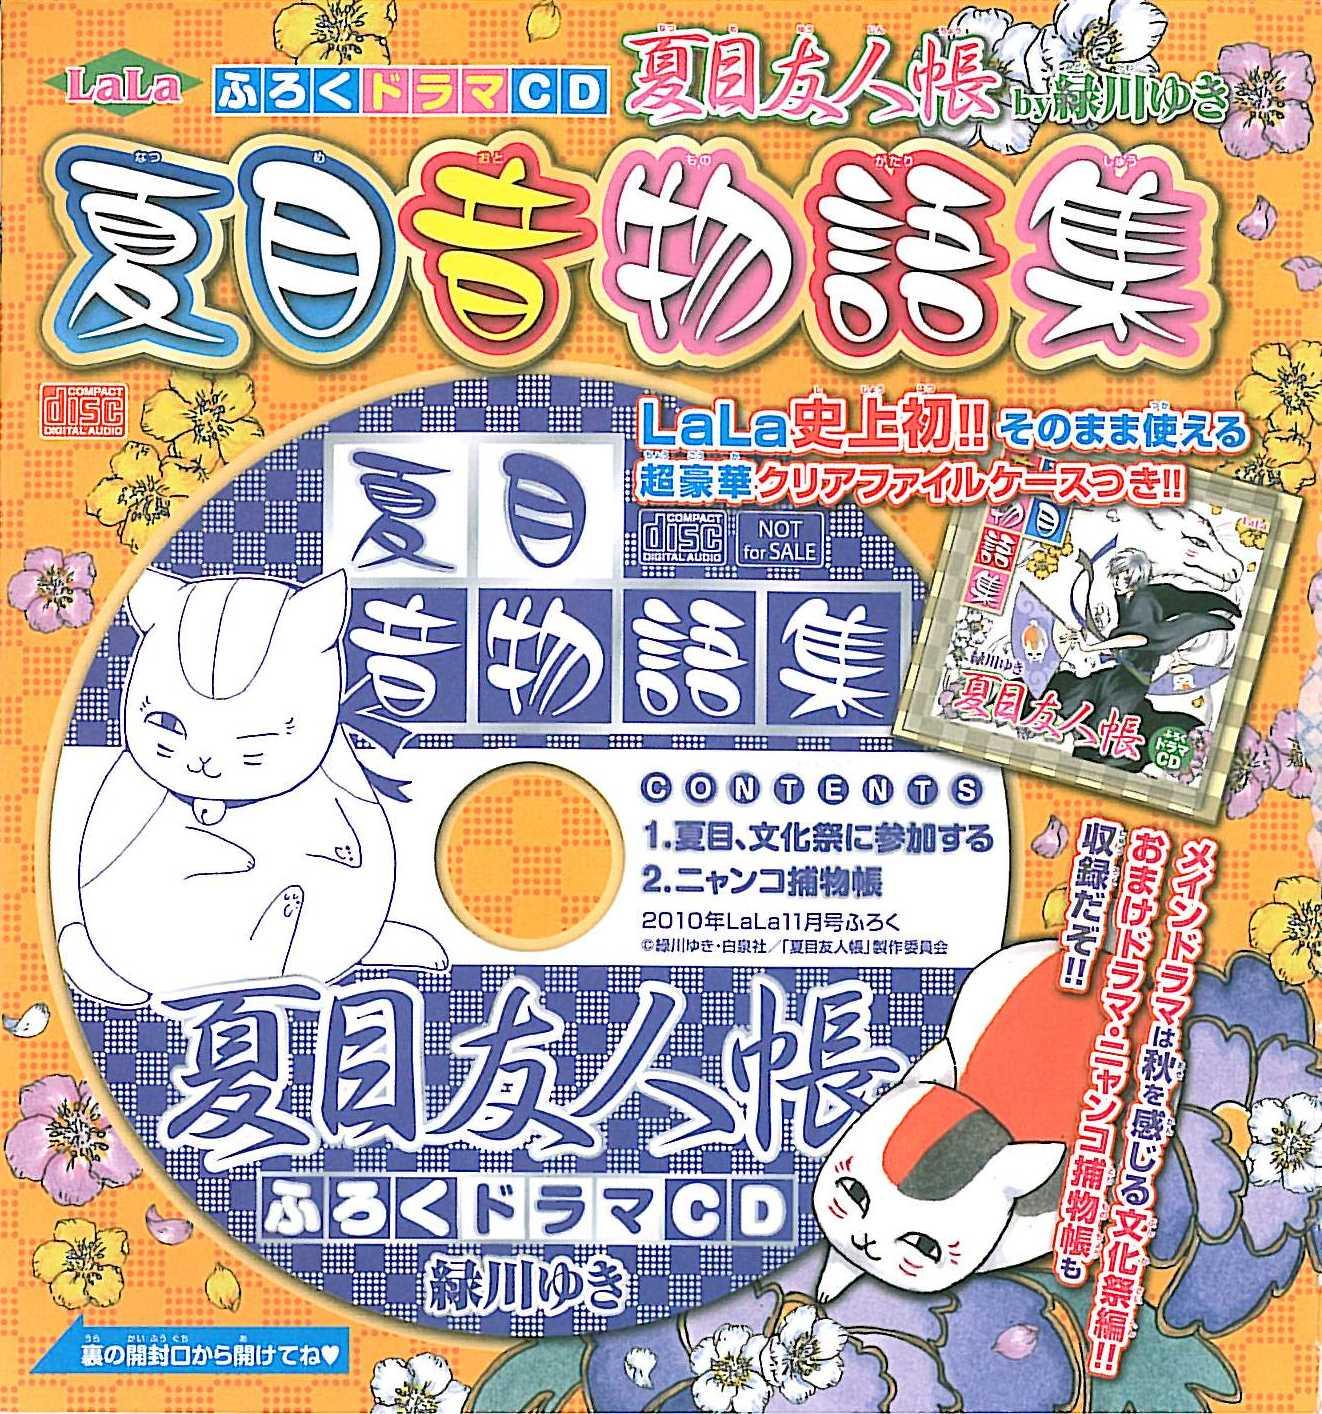 月刊LaLa附赠夏目友人帐广播剧CD夏目音物语集1&2